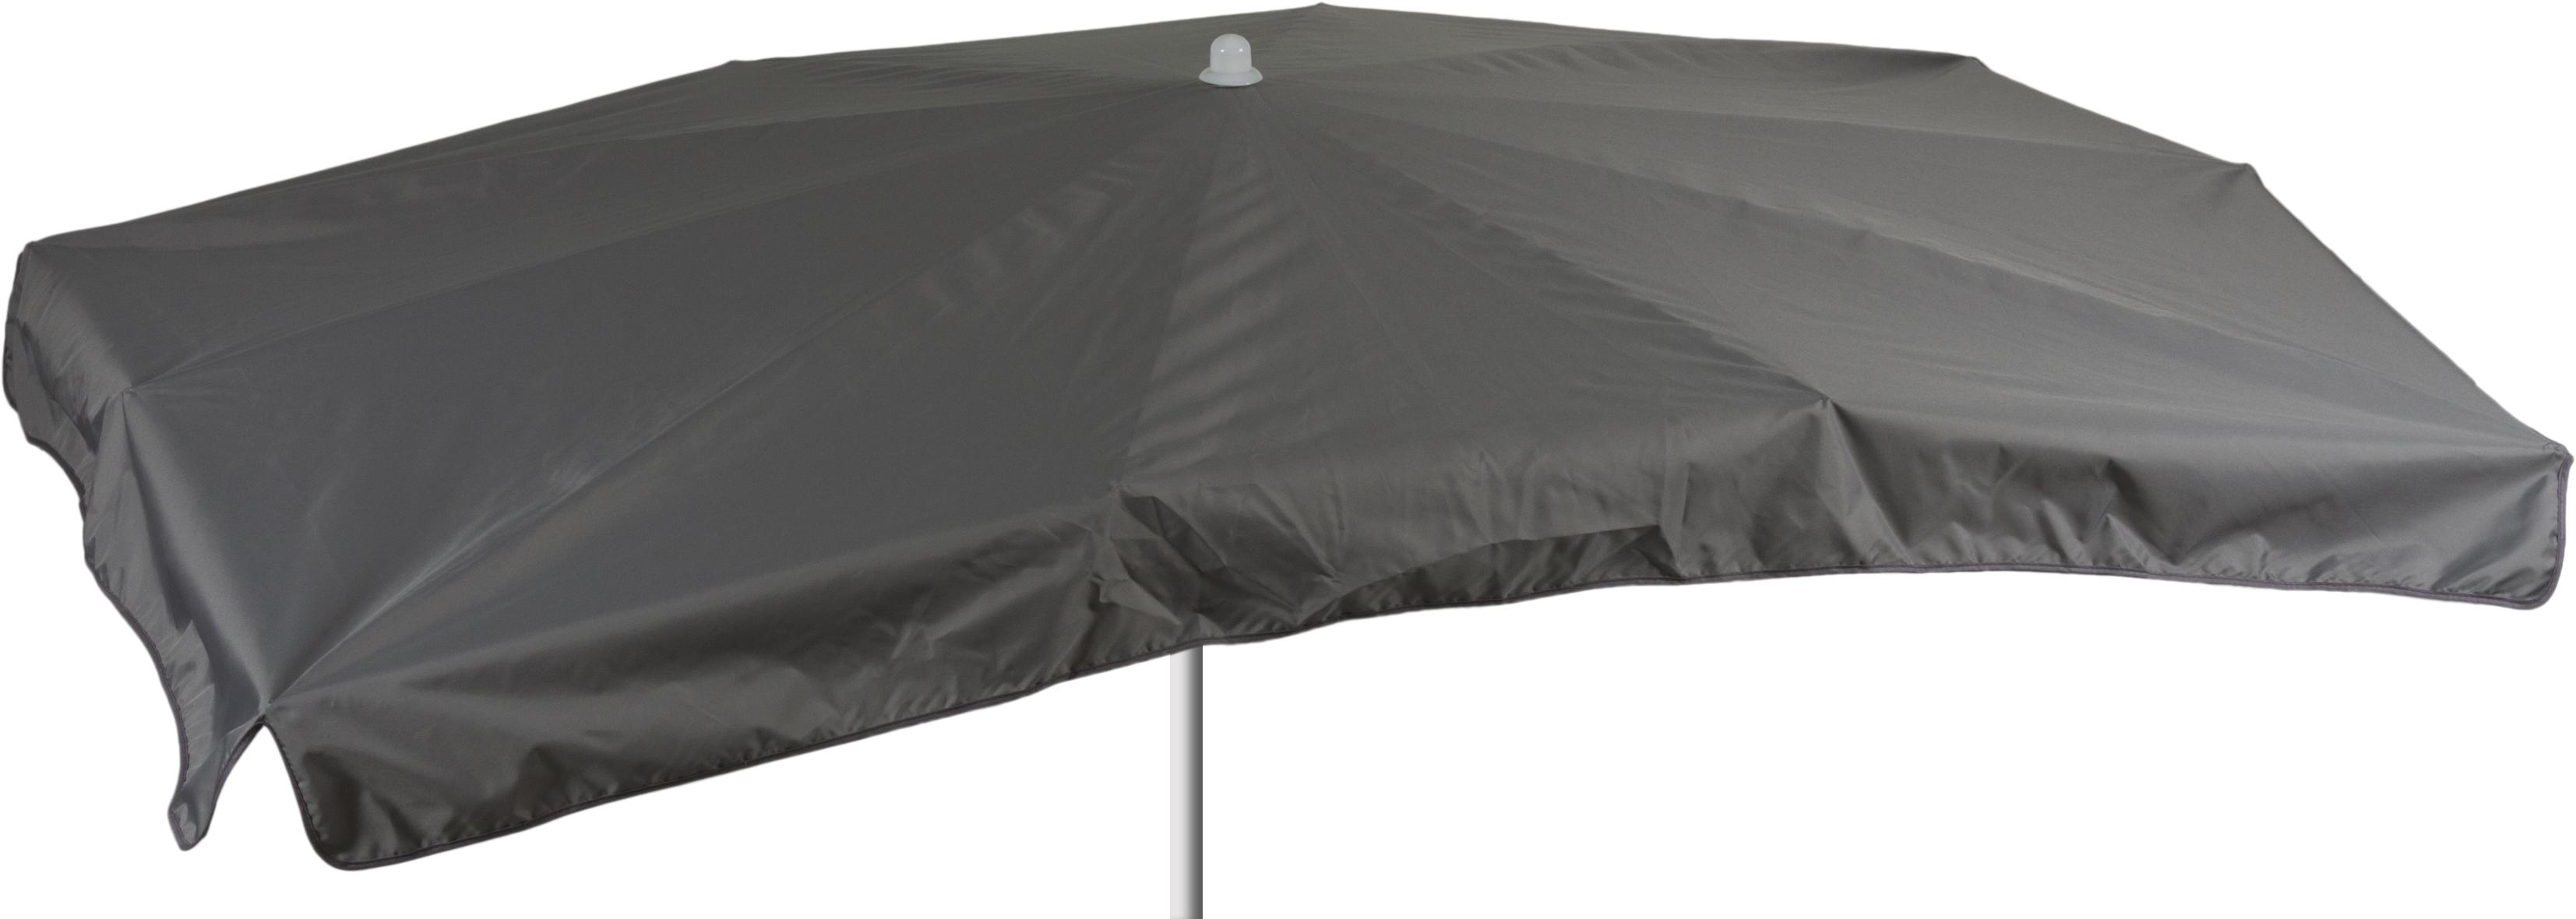 Grauer Sonnenschirm in rechteckig 130 x 200 cm Bespannung 100% Polyester wasserabweisend 2